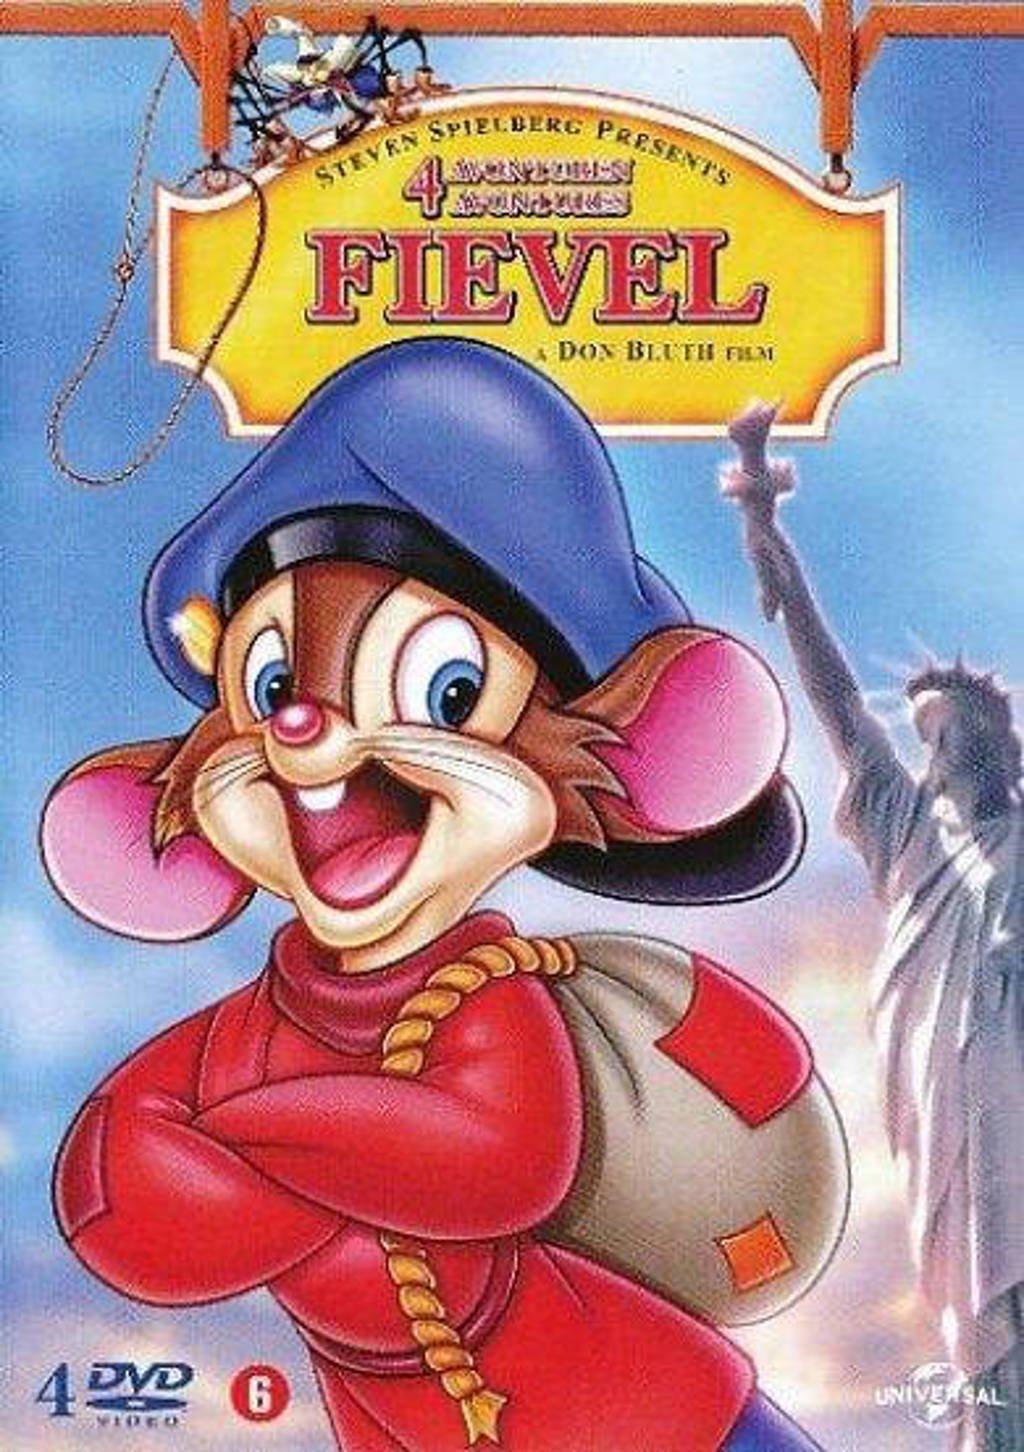 Fievel 1-4 (DVD)